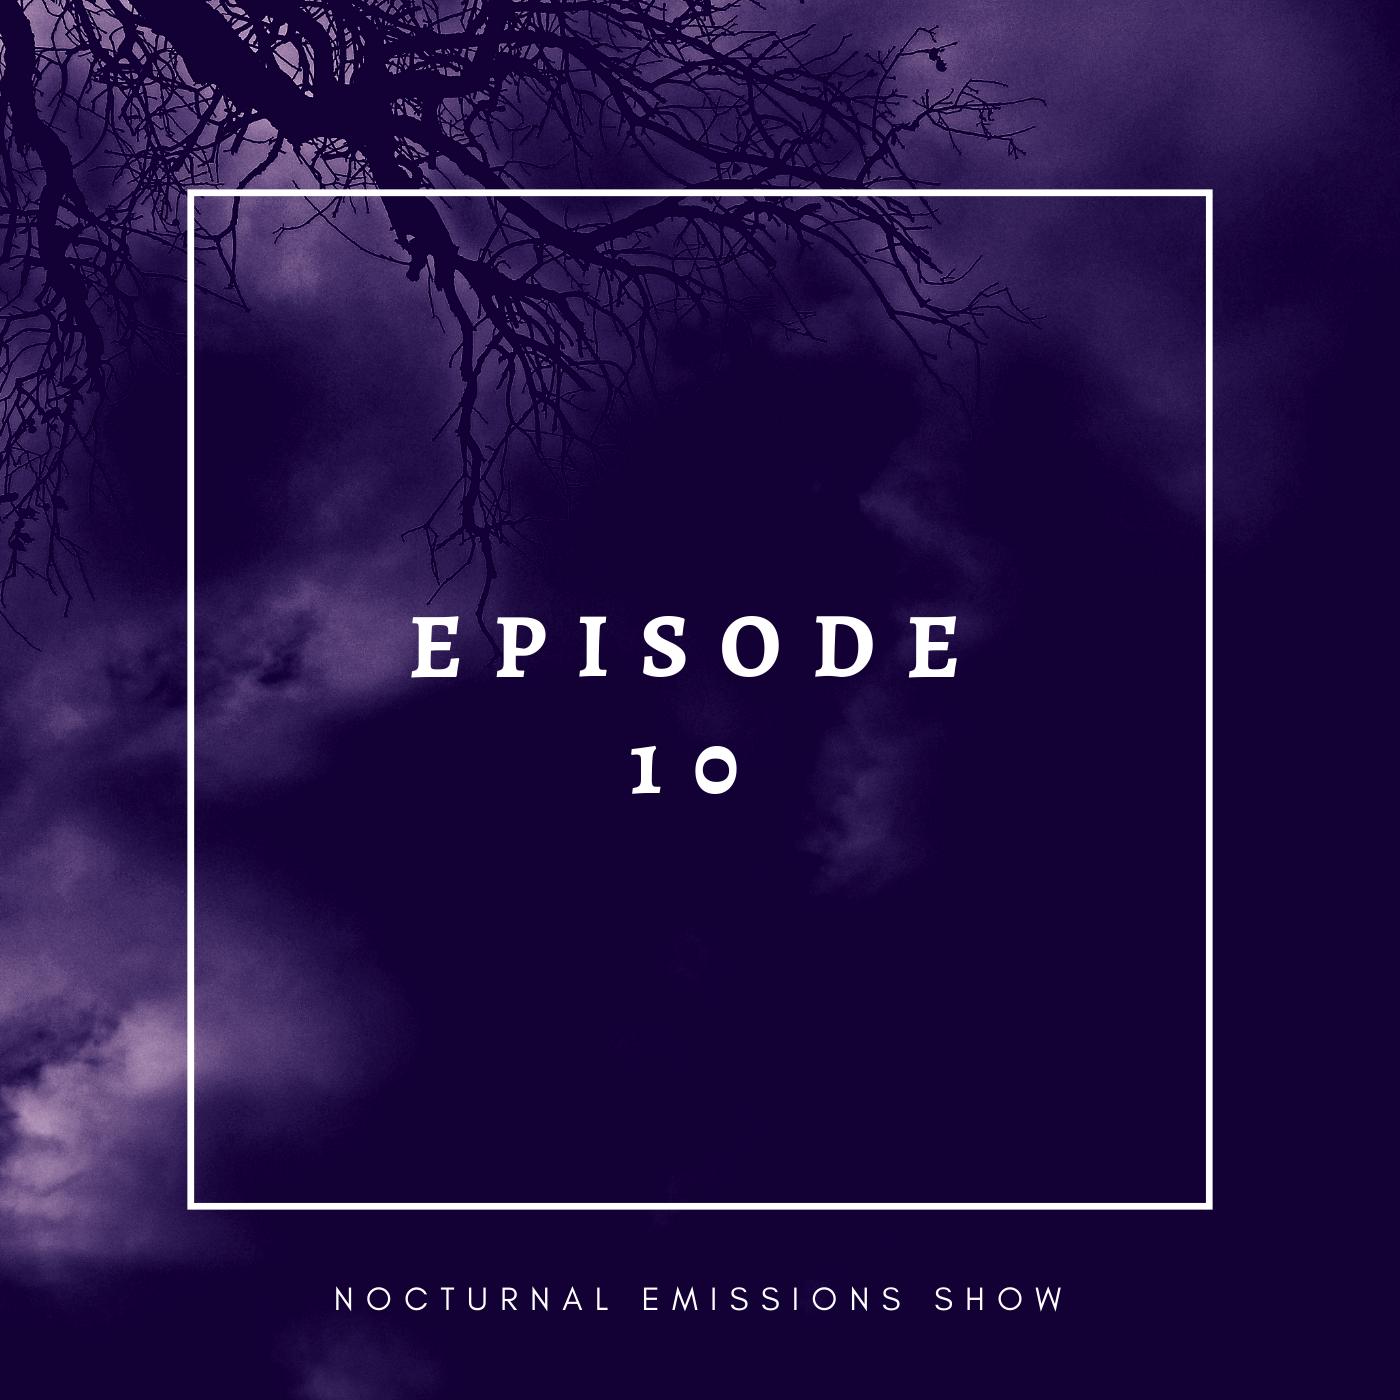 Nocturnal emissions part 1